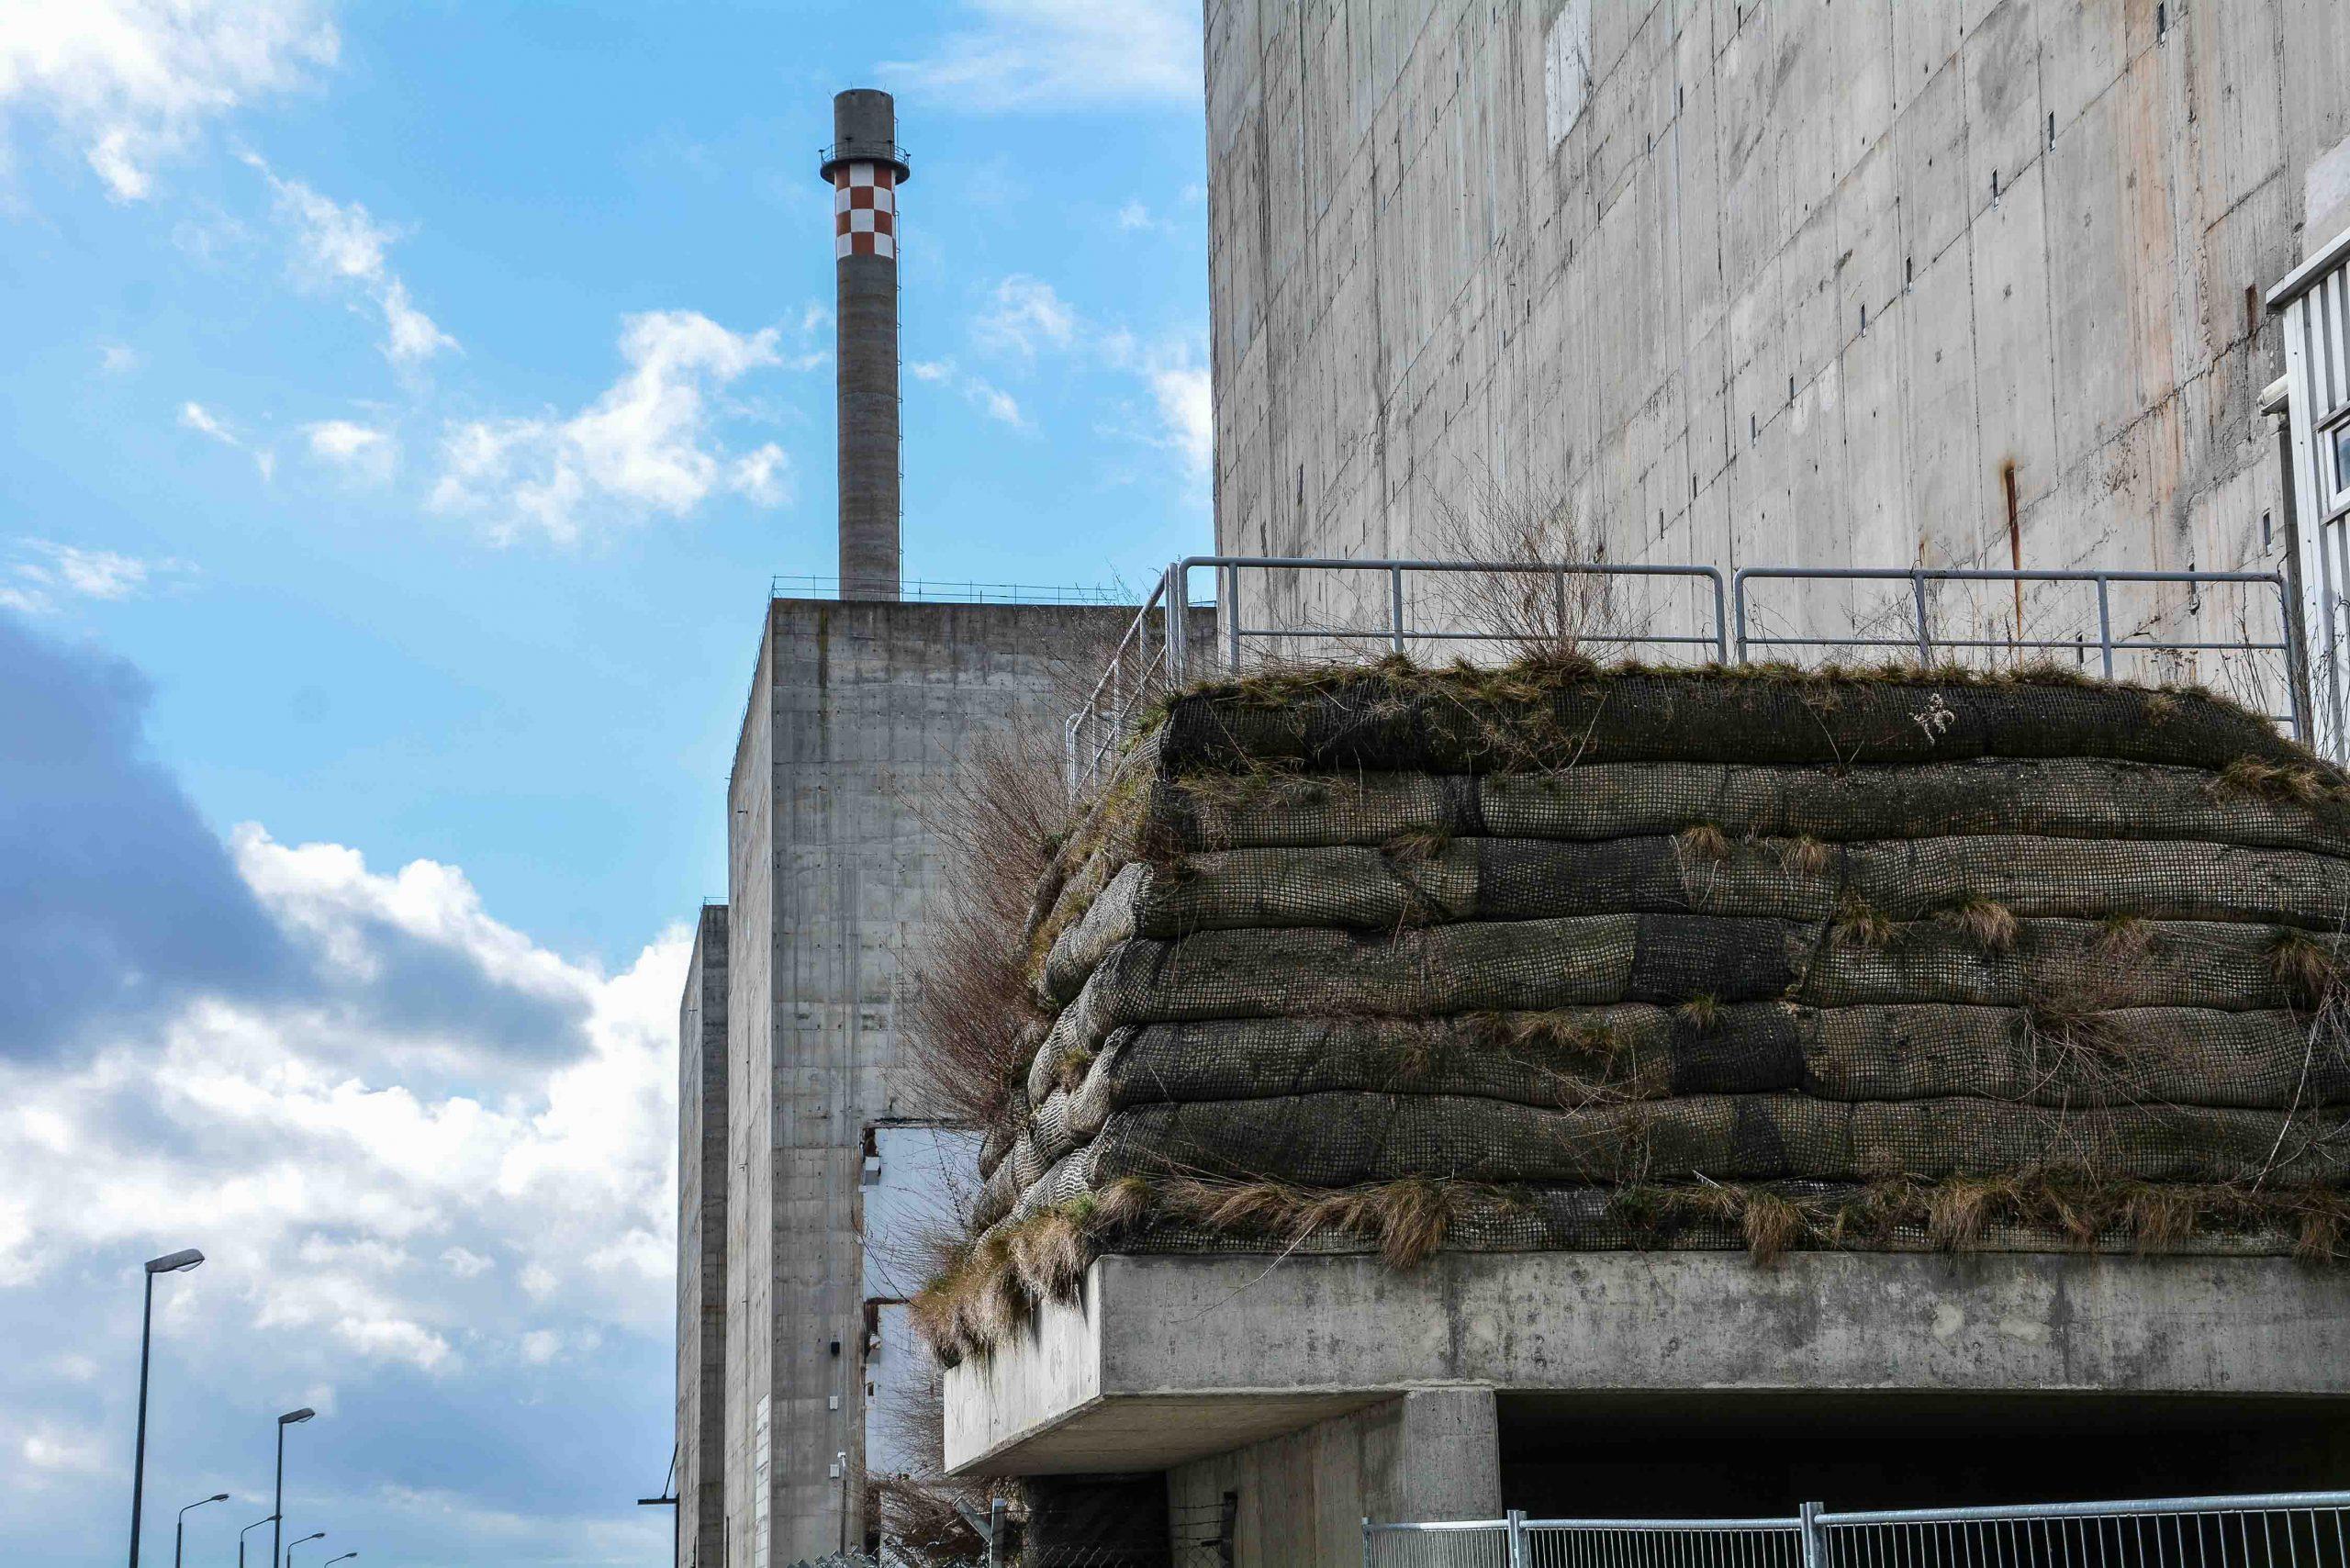 reaktor block 6 aussen ansicht kernkraftwerk greifswald nuclear powerplant ost deutschland east germany gdr DDR mecklenburg vorpommern